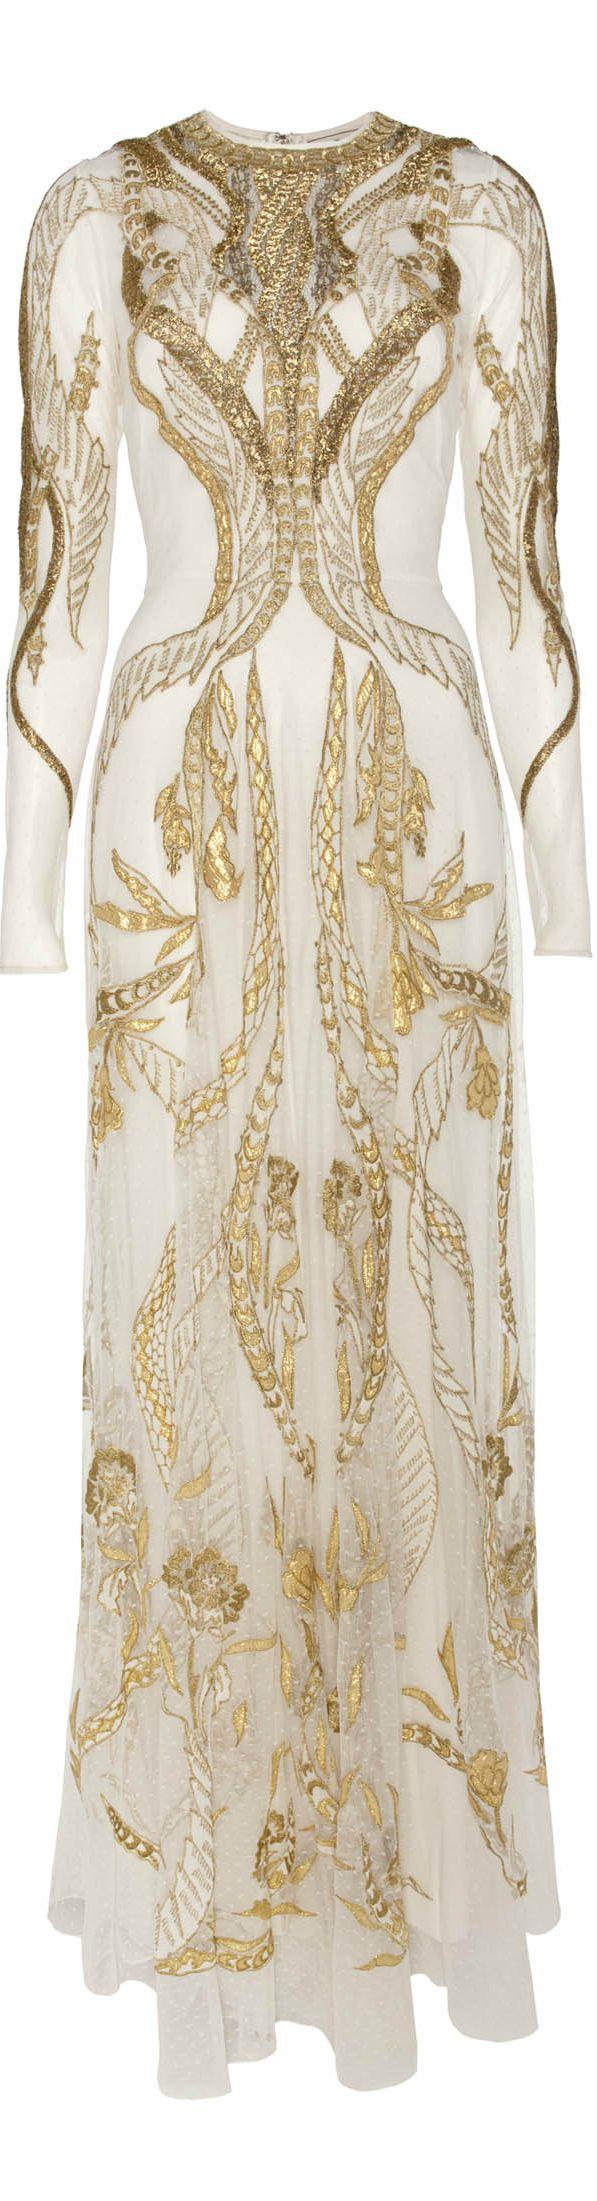 Temperley London ● 2013, Gold Evening Gown / https://www.pinterest.com/pin/138837600987171351/